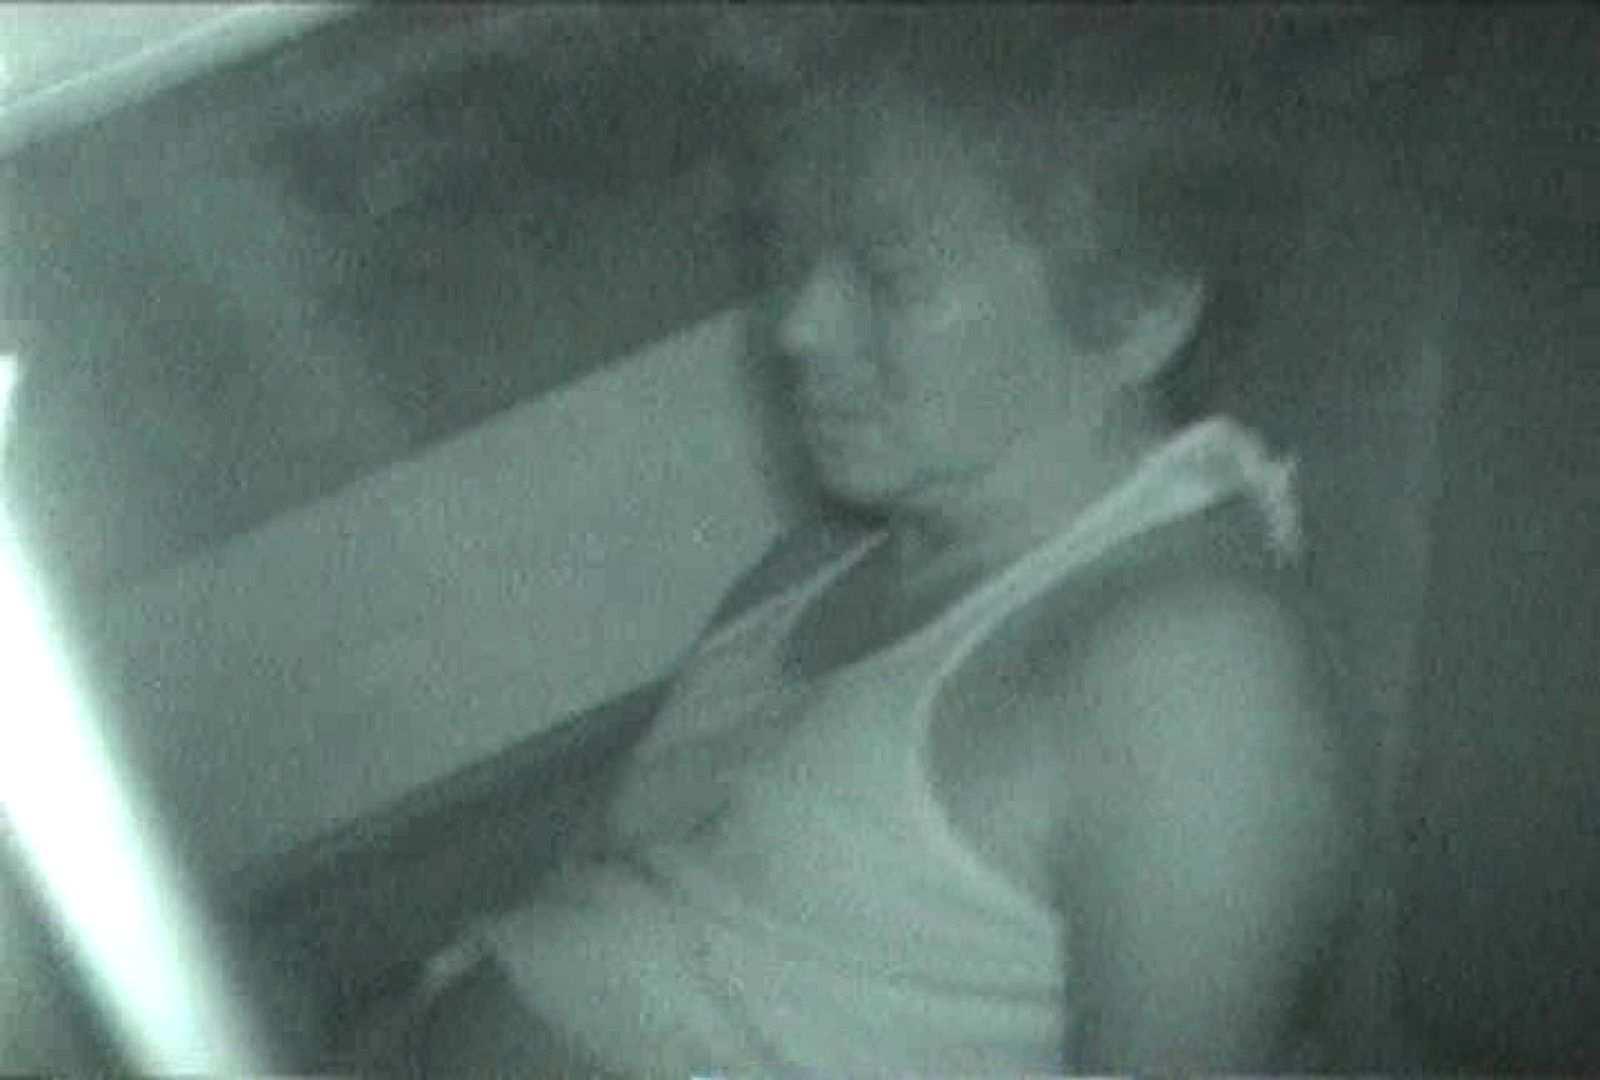 充血監督の深夜の運動会Vol.101 エロティックなOL AV無料 68画像 34